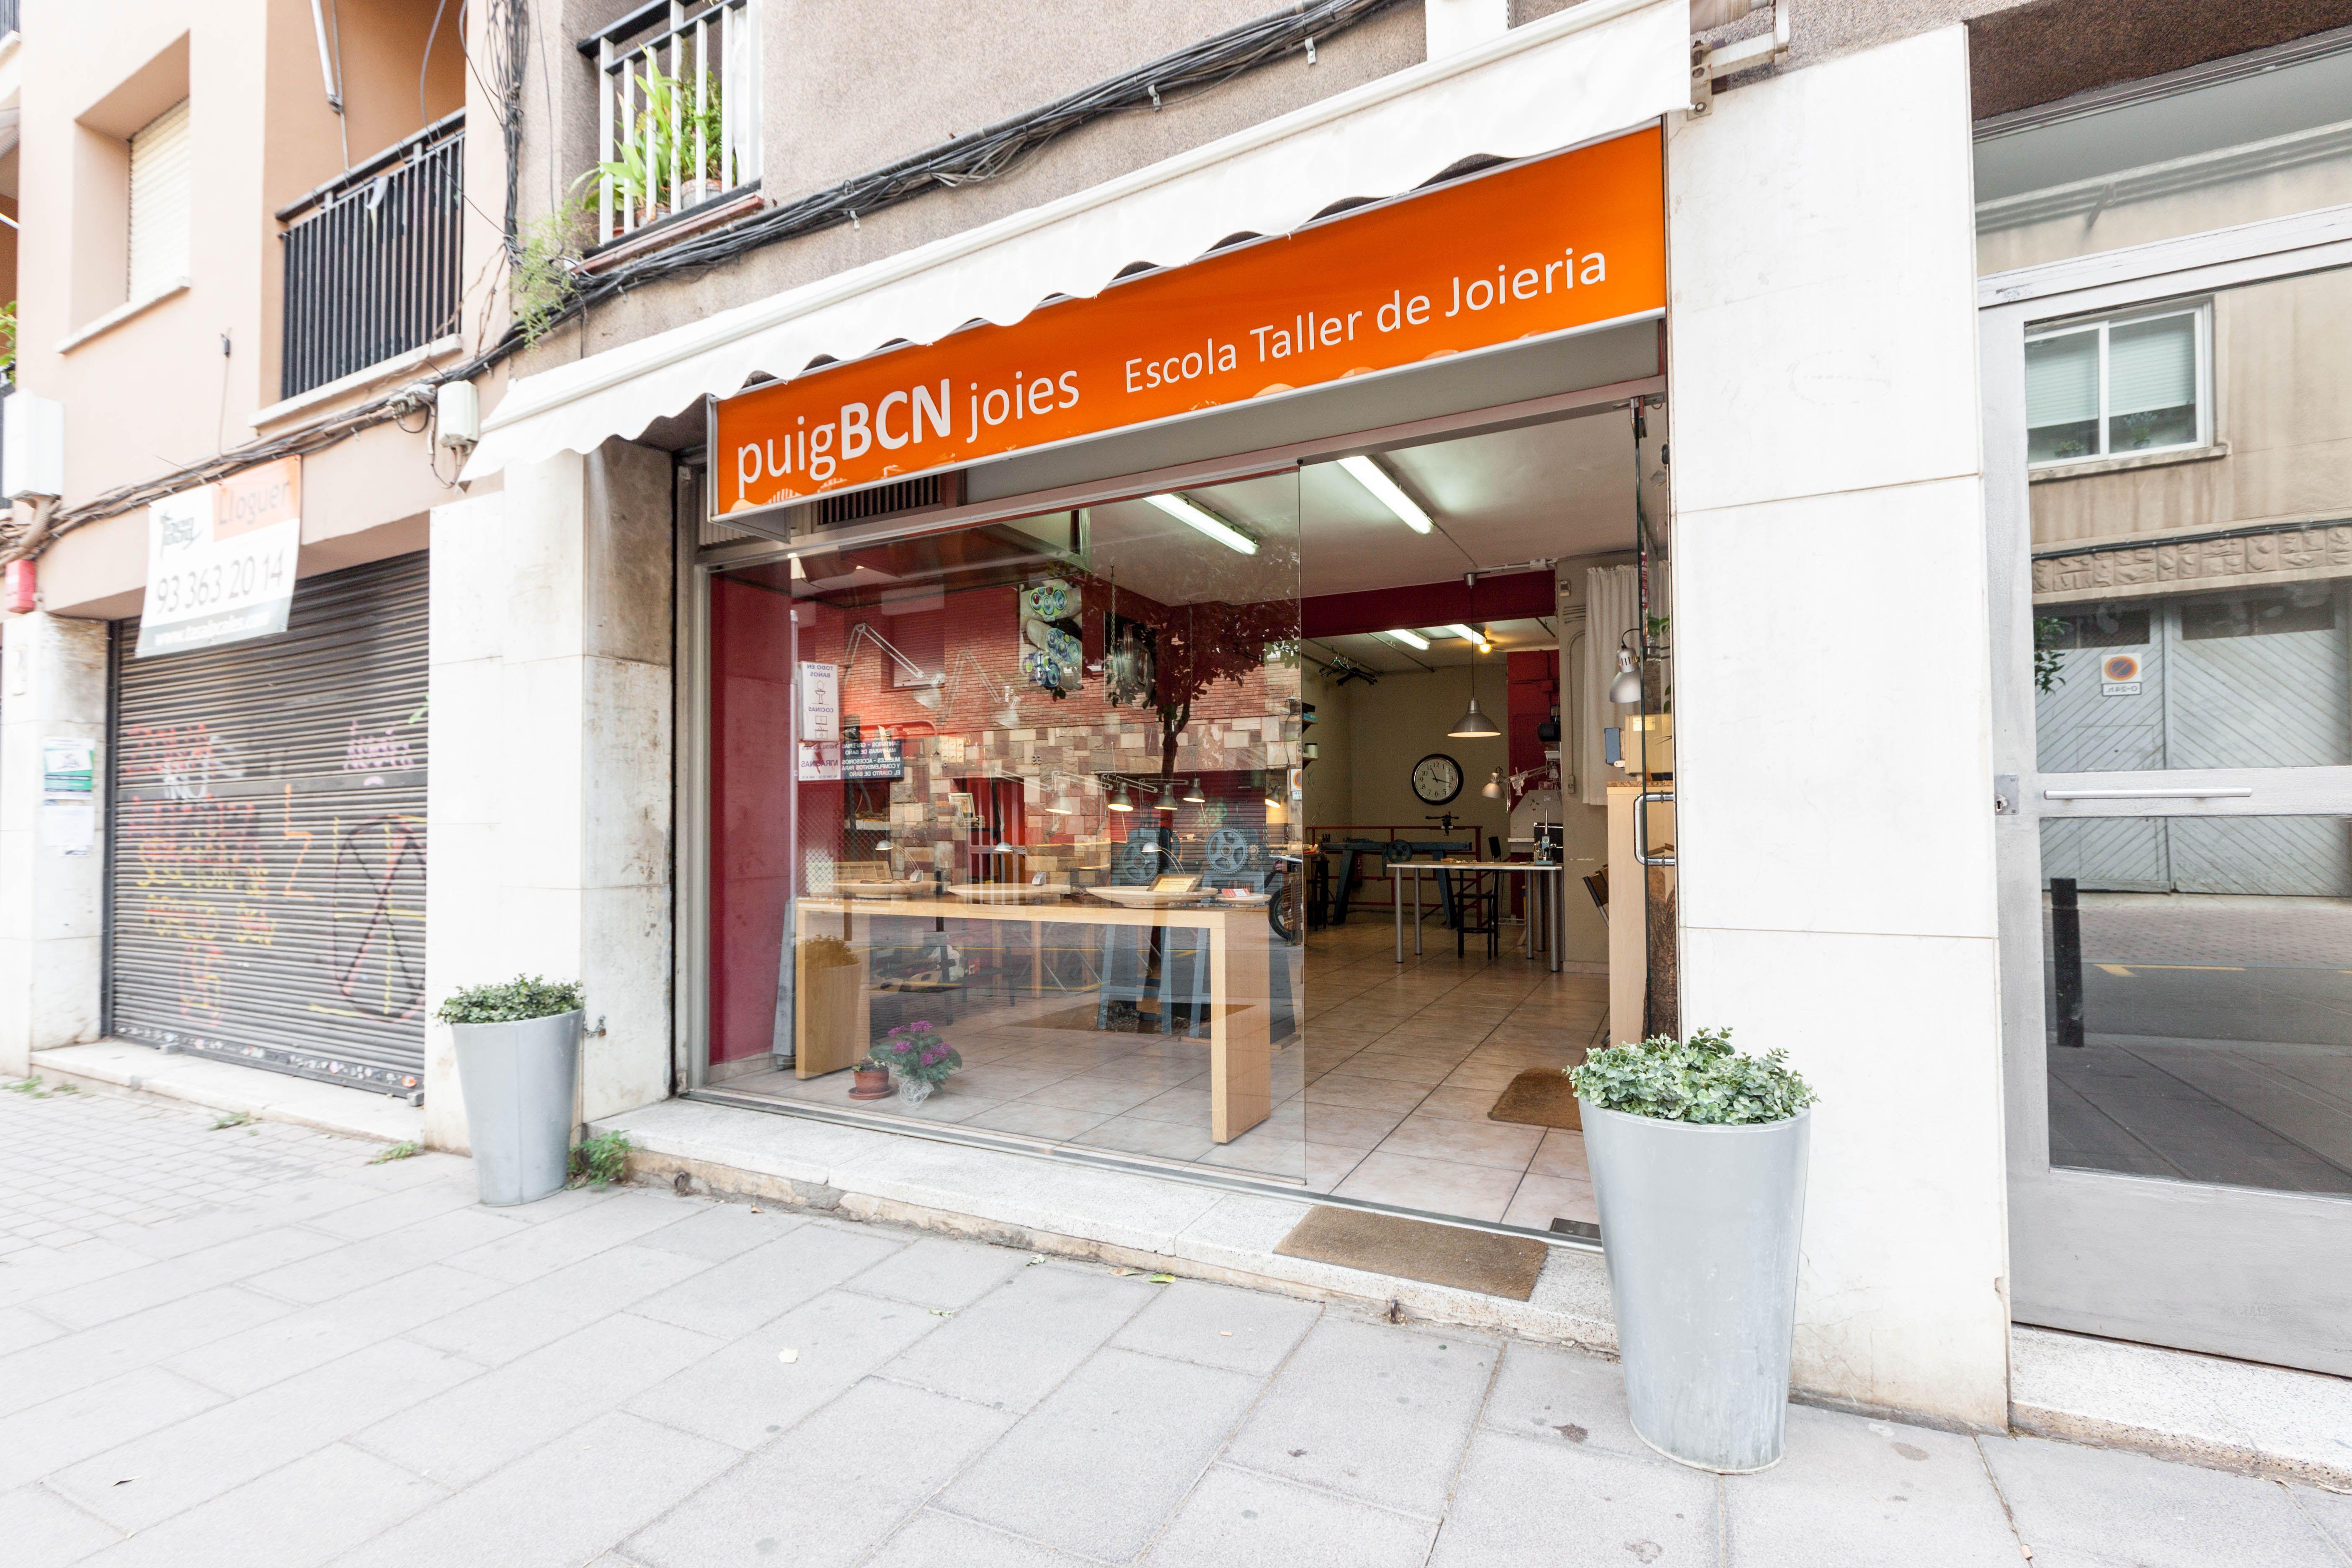 Foto 6 de Escuelas de joyería y engastado en Barcelona | puigBCNjoies Escola Taller de Joieria